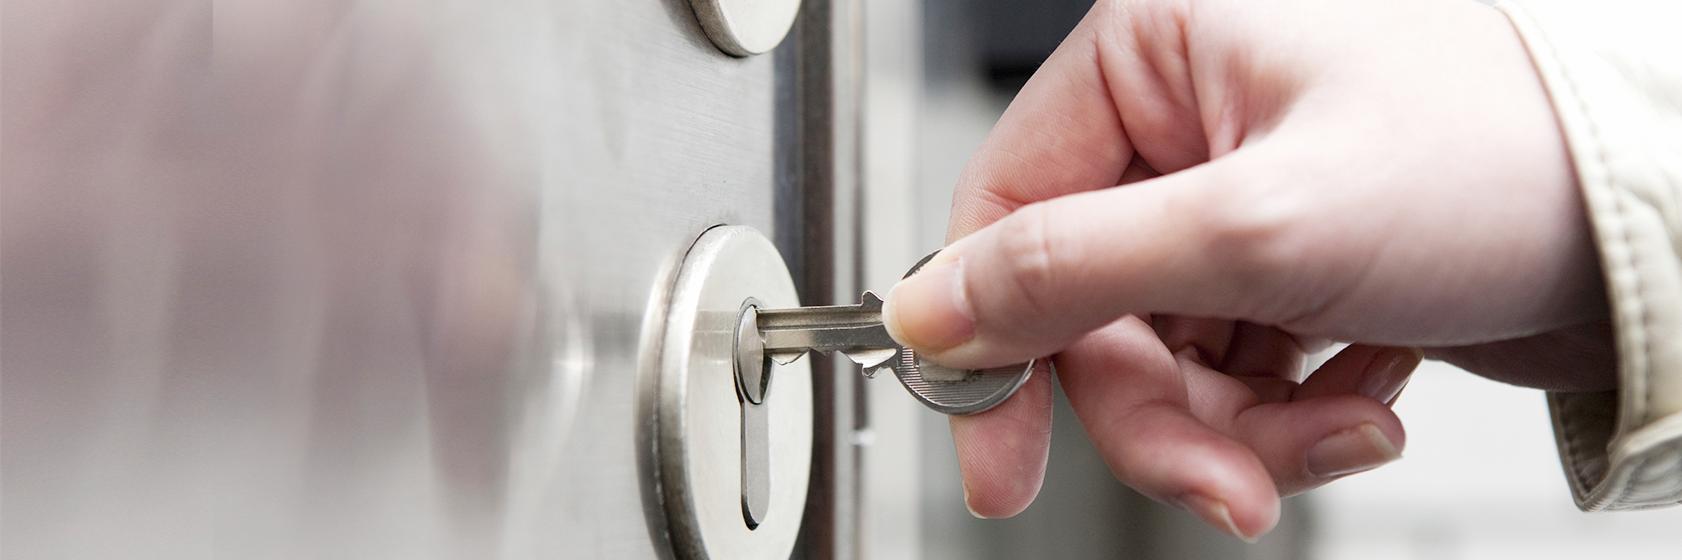 鍵開け・作製、防犯の事なら、水戸市の茨城ロックサービス